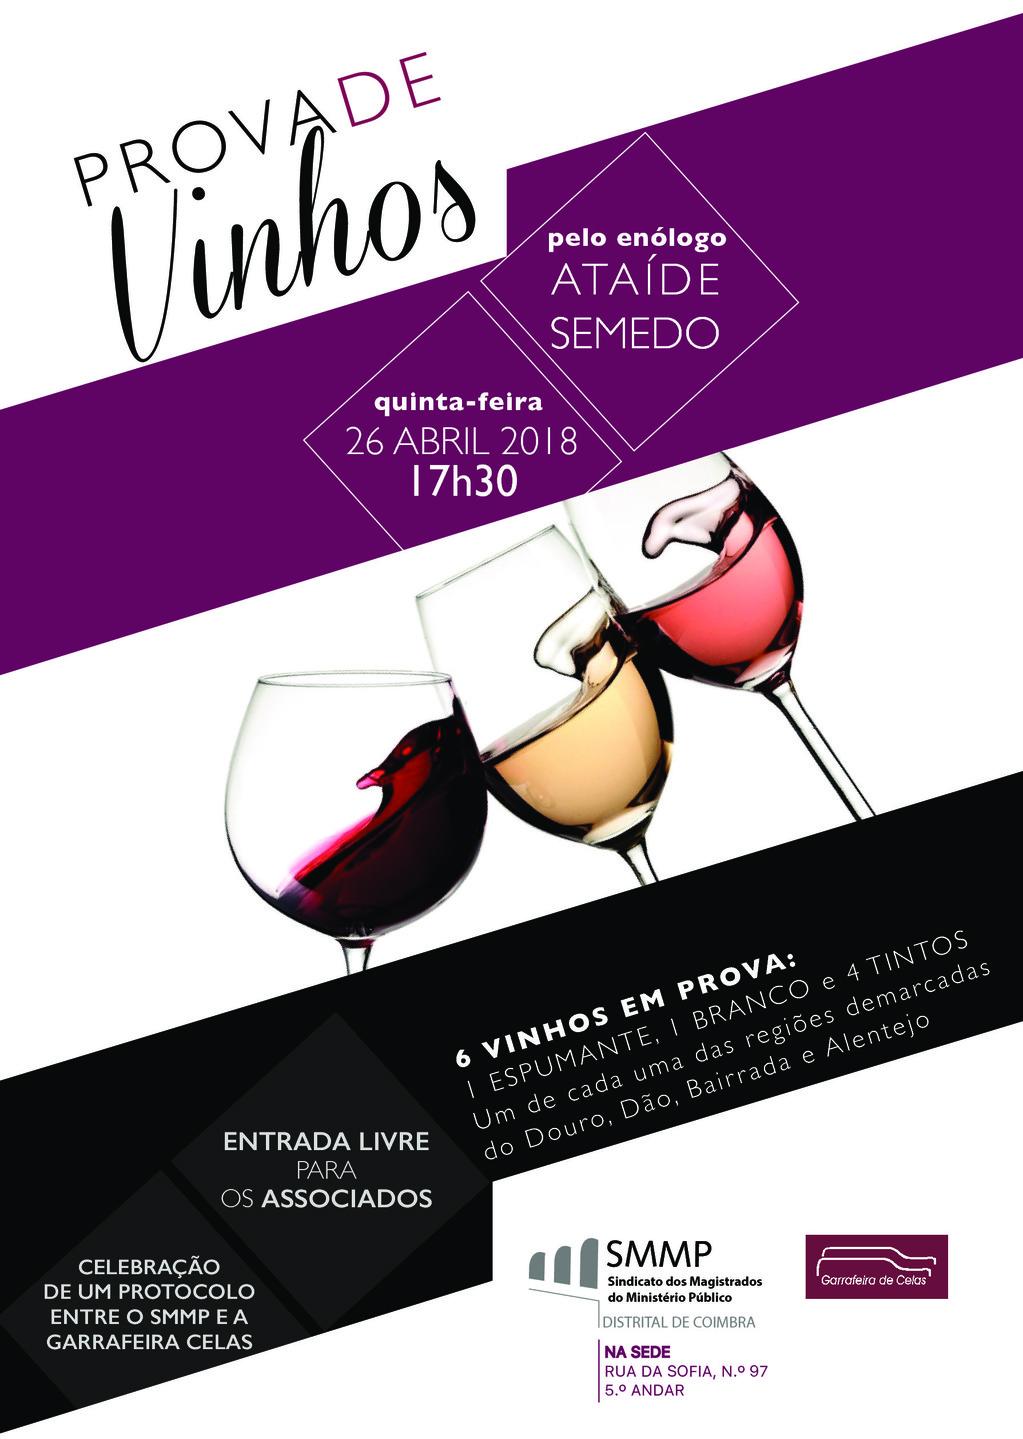 Prova de vinhos pelo enólogo Ataíde Semedo na sede do SMMP em Coimbra